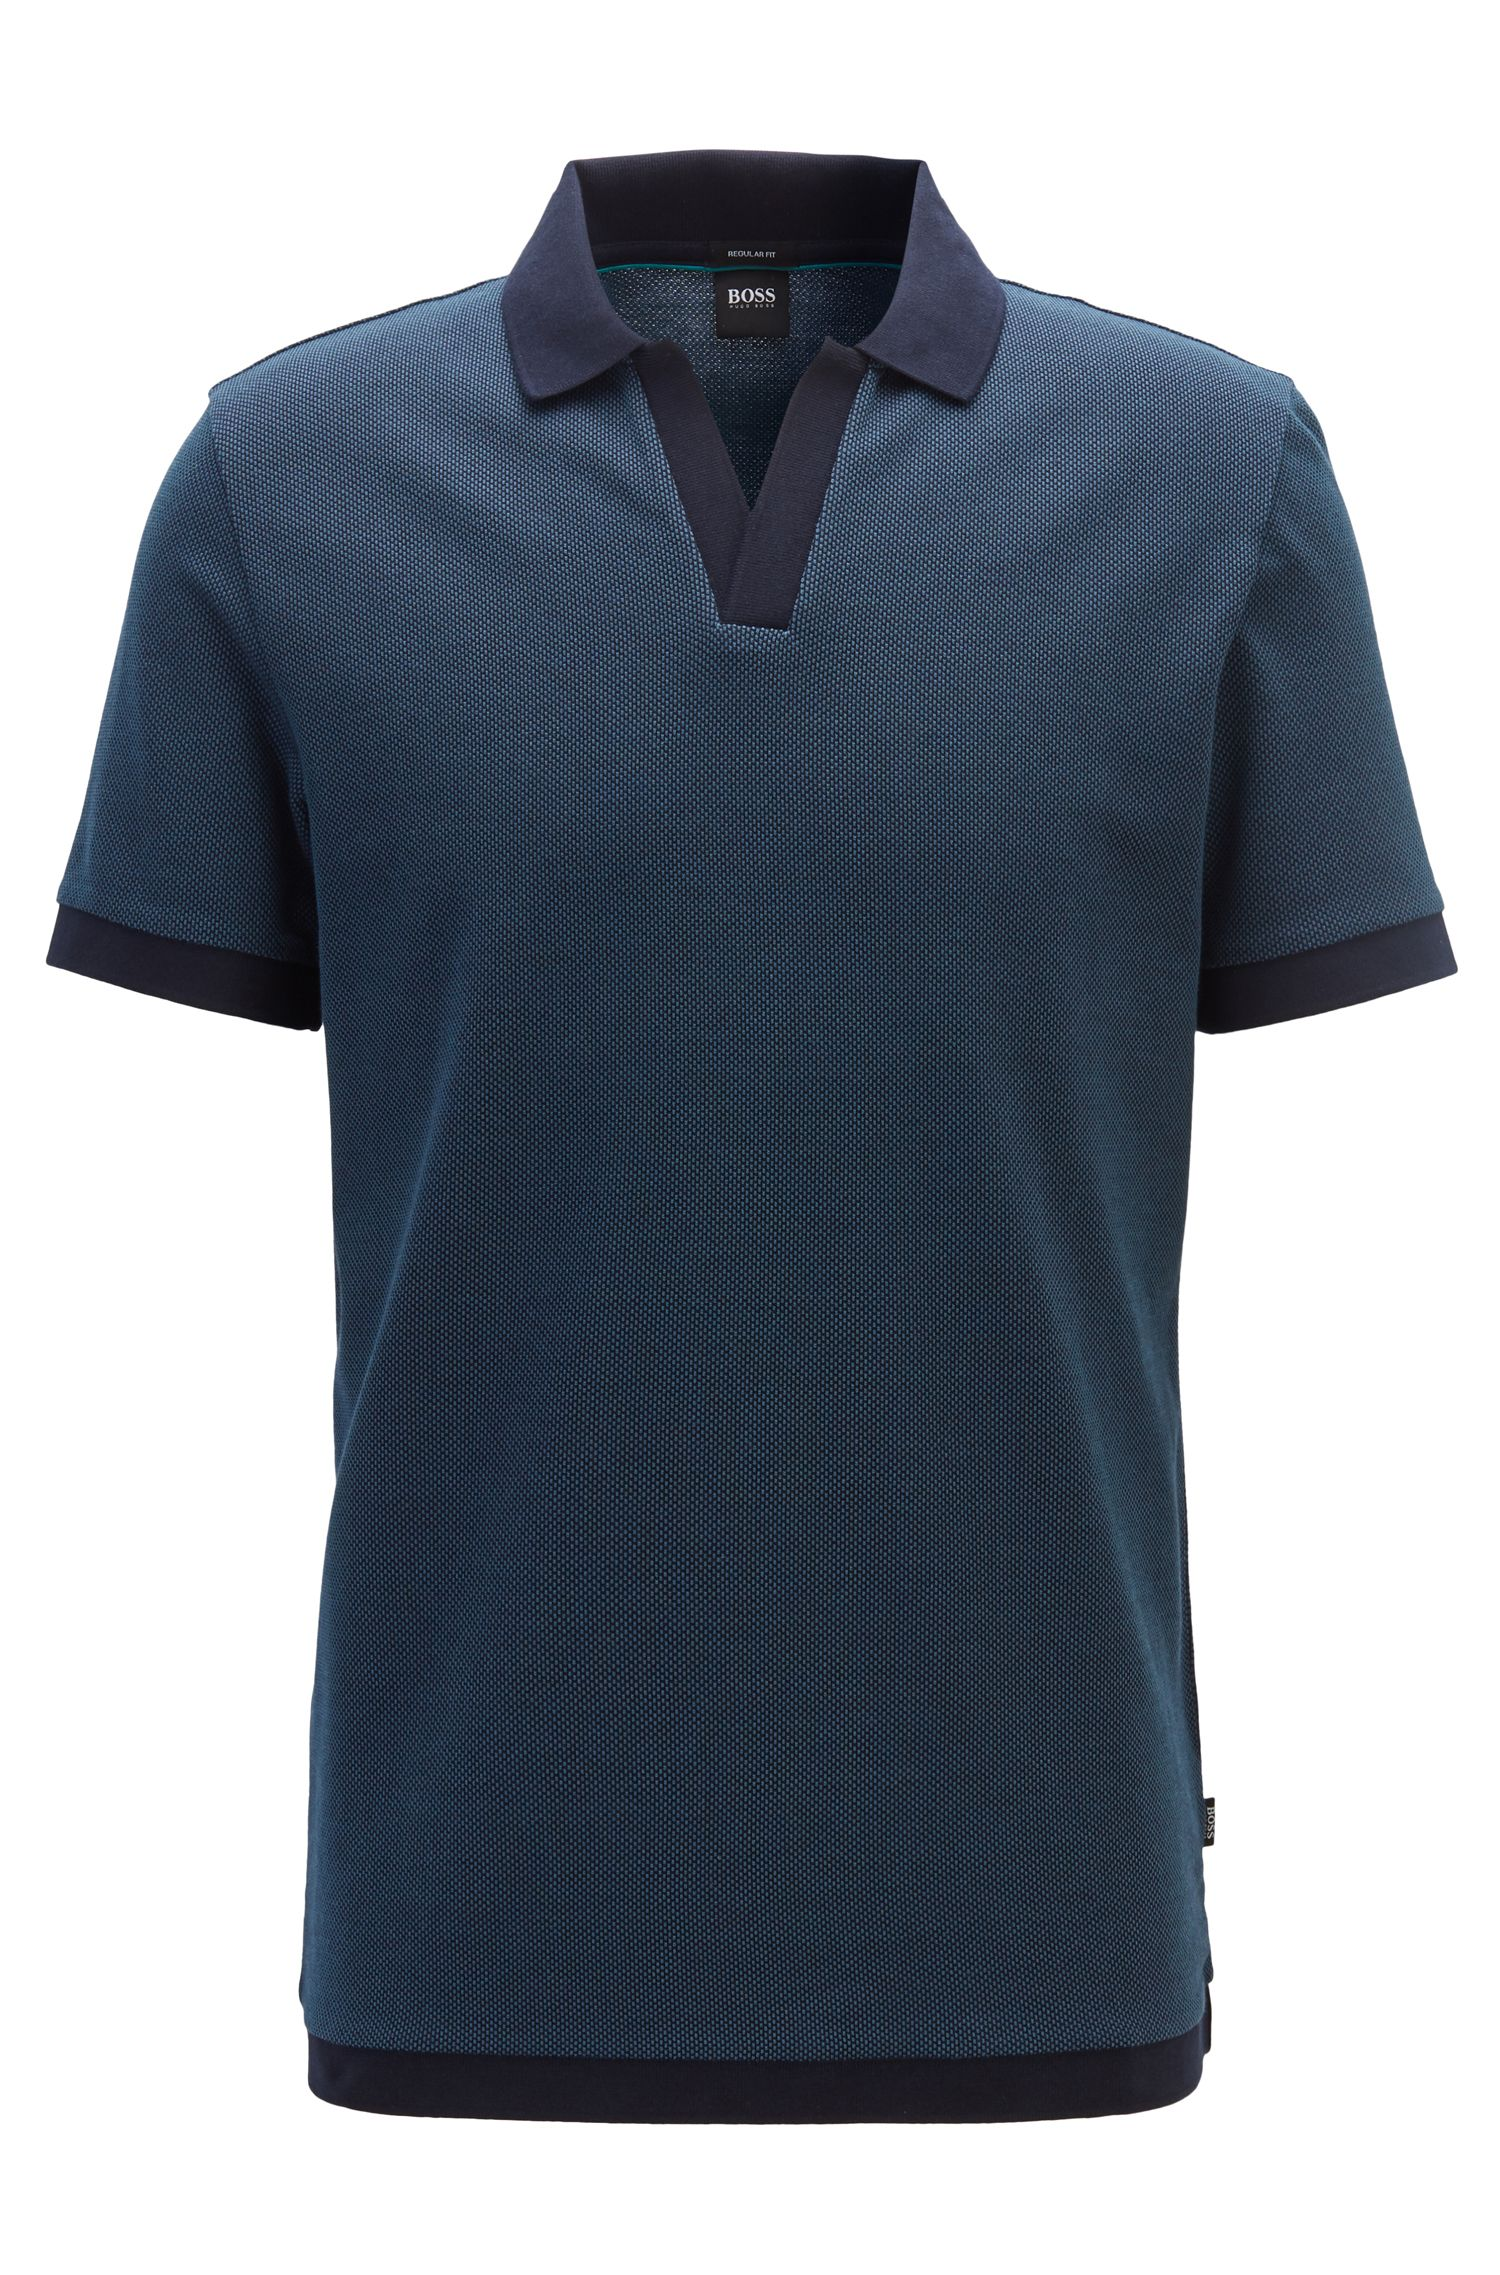 Polo in cotone jacquard con colletto aperto senza bottoni, Blu